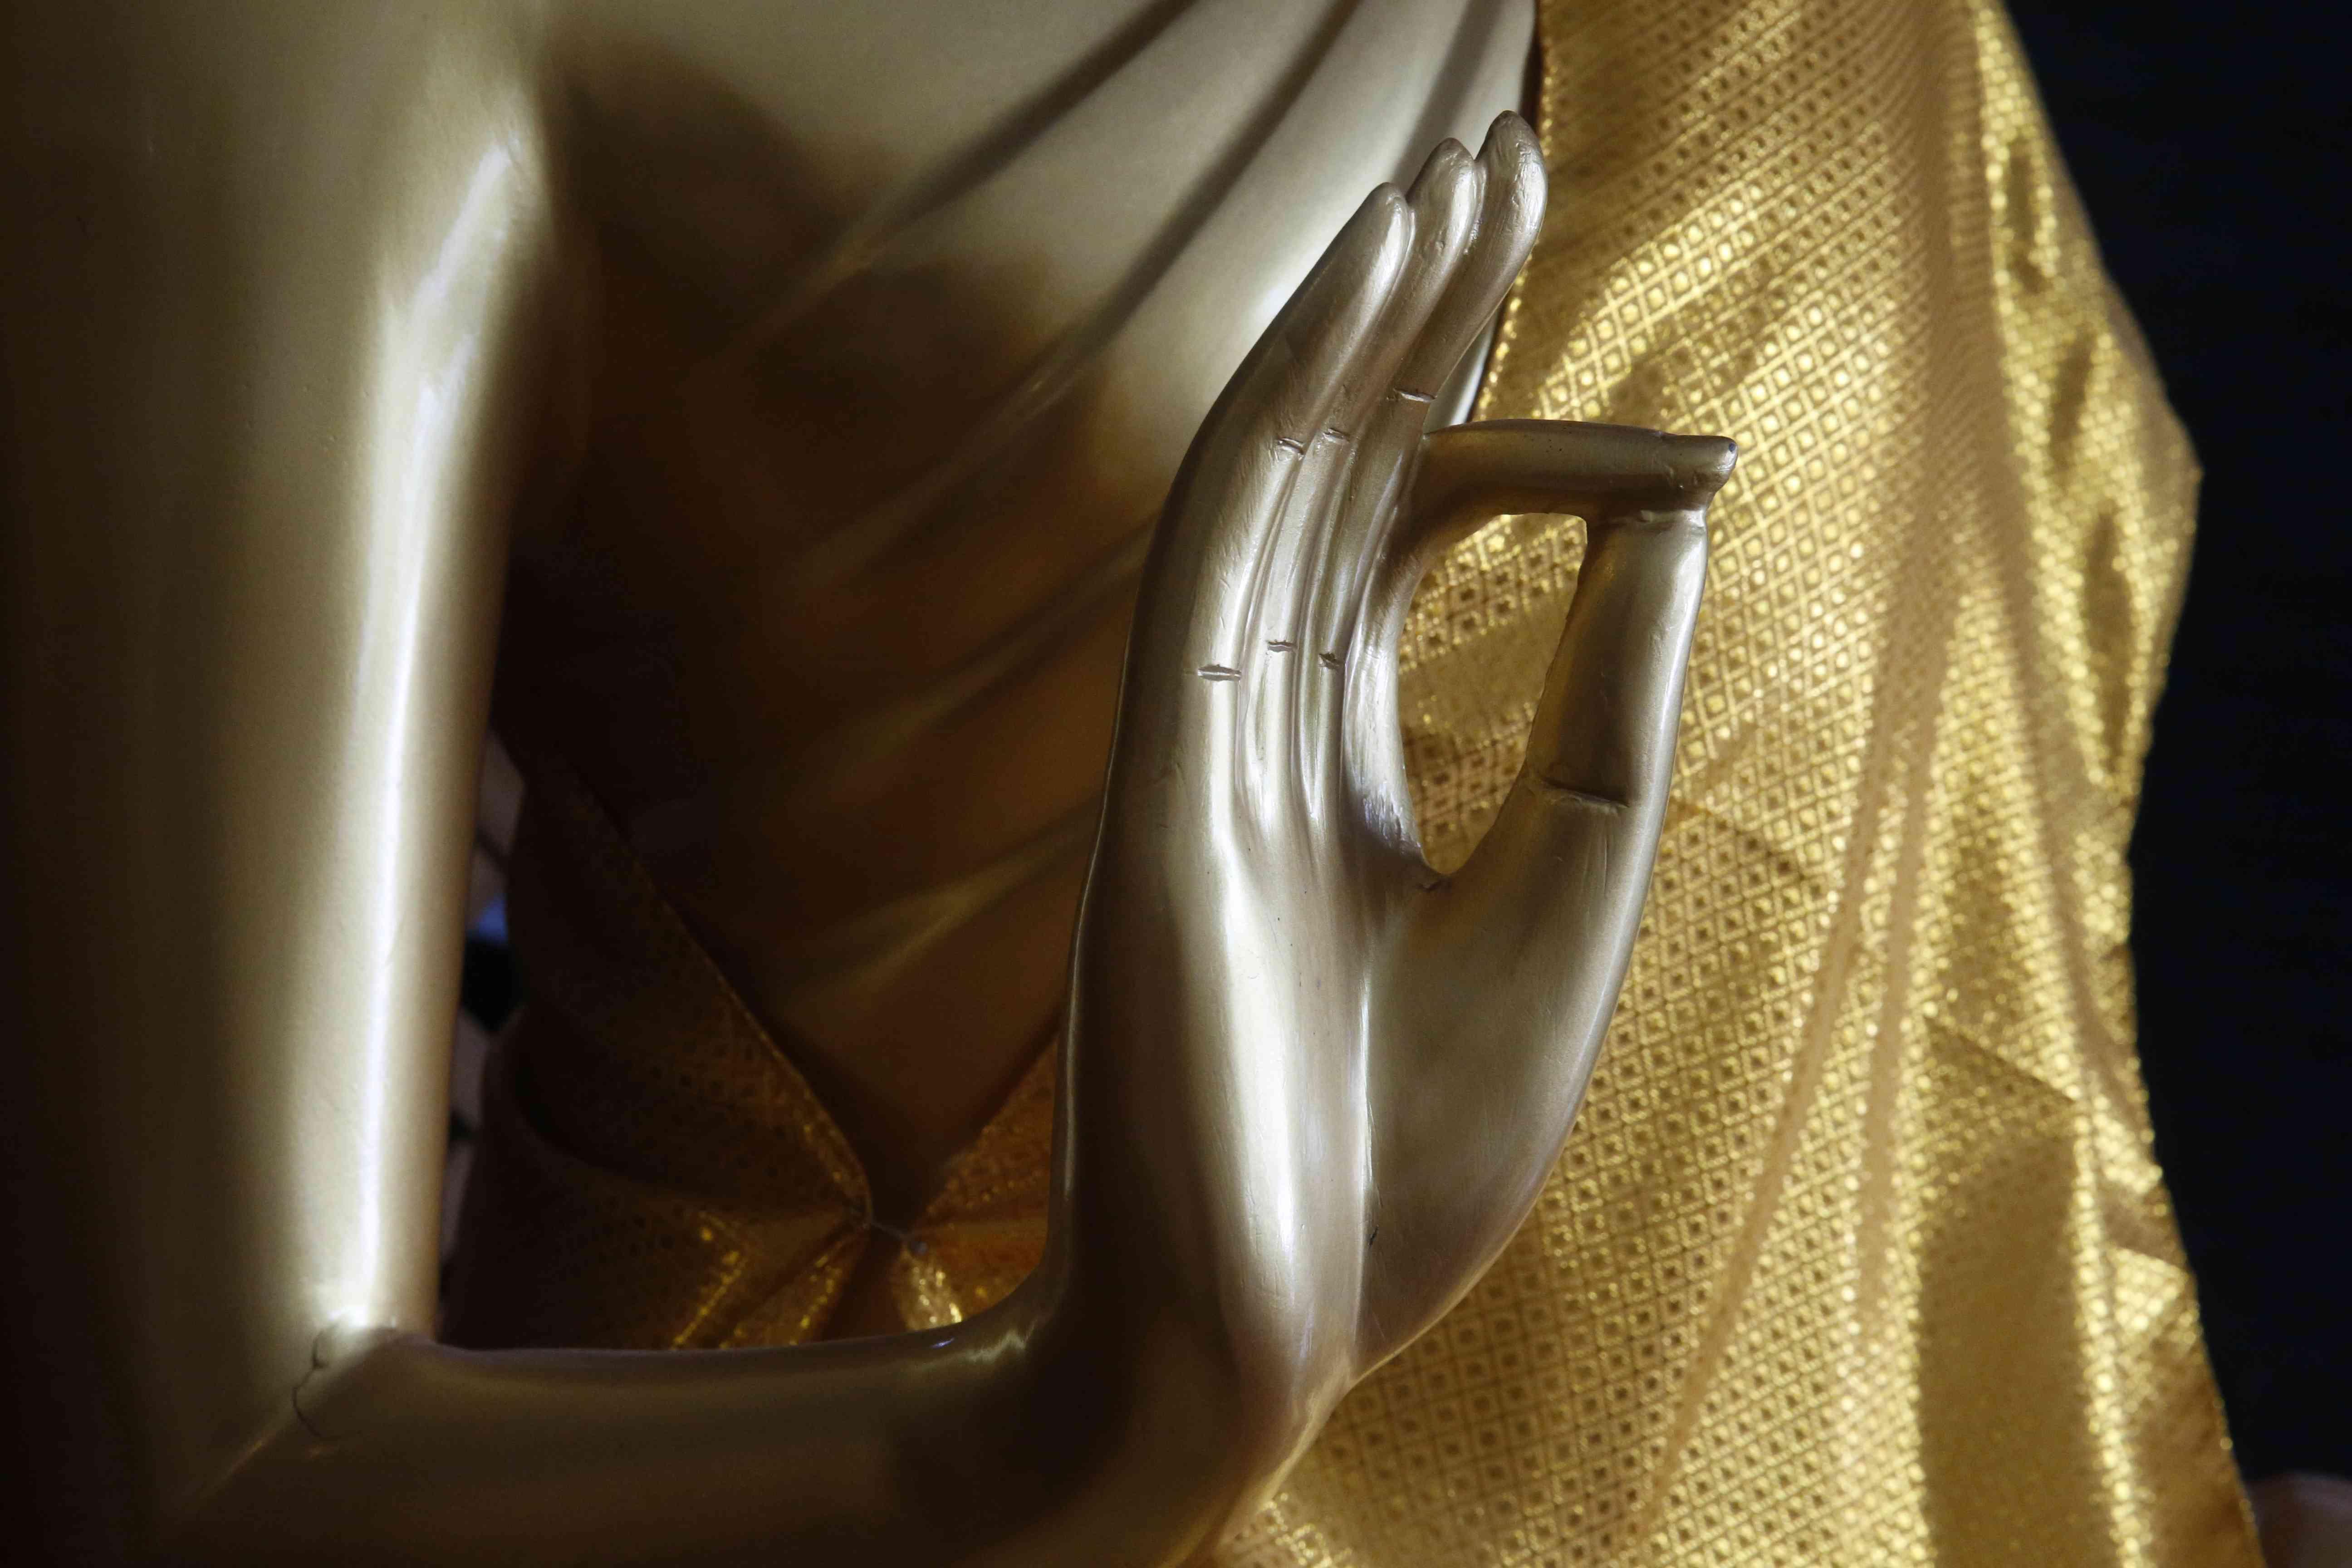 Dharmachakra Mudra estatua de Buda